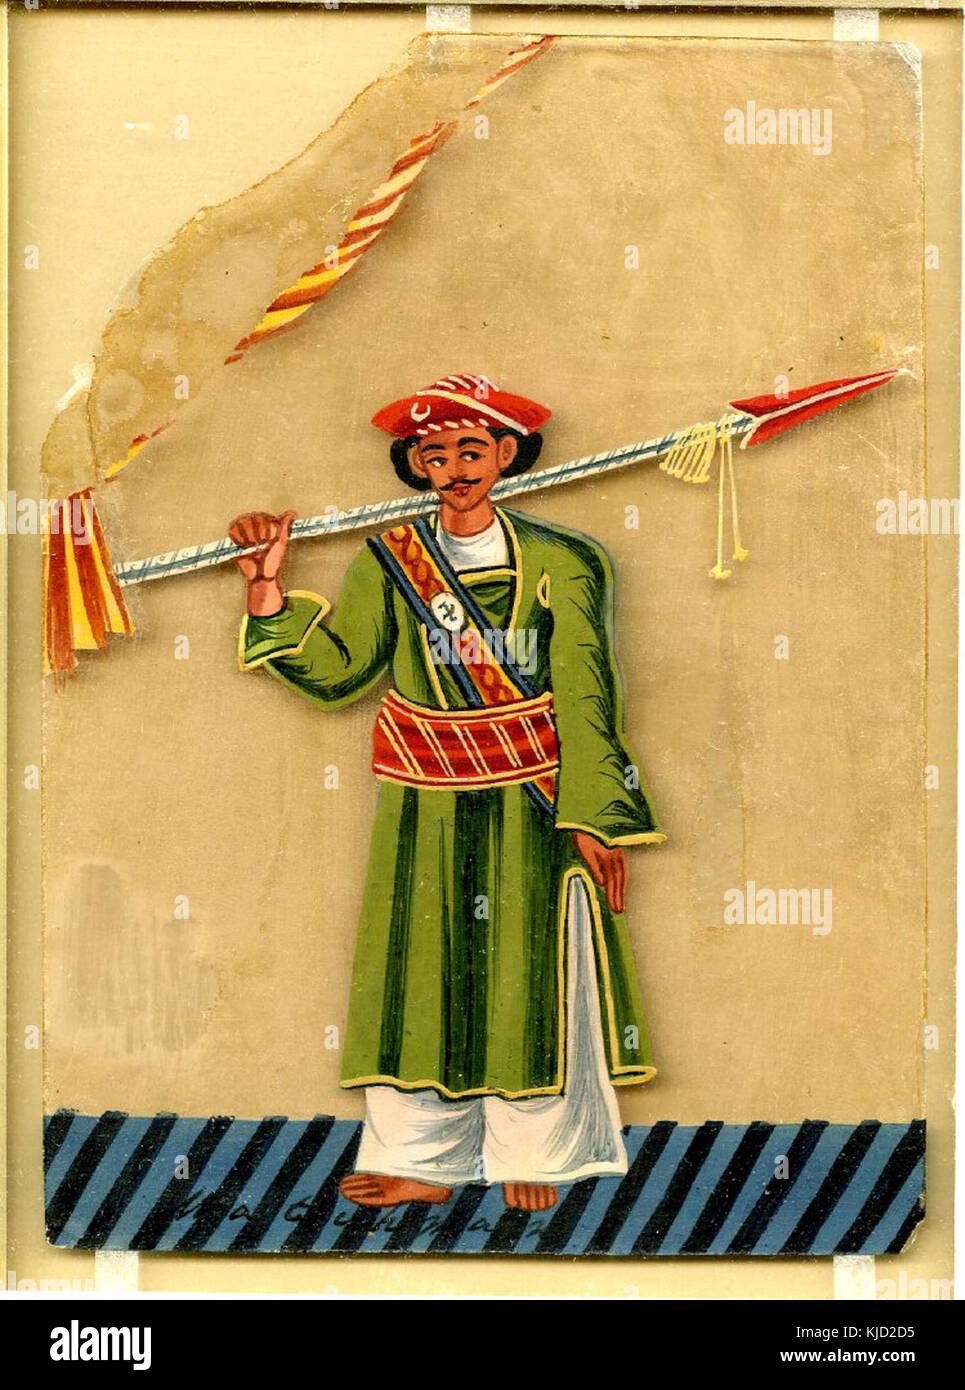 Gouache pittura su mica di una guardia o funzionario che detiene una lancia sopra la sua spalla destra Immagini Stock